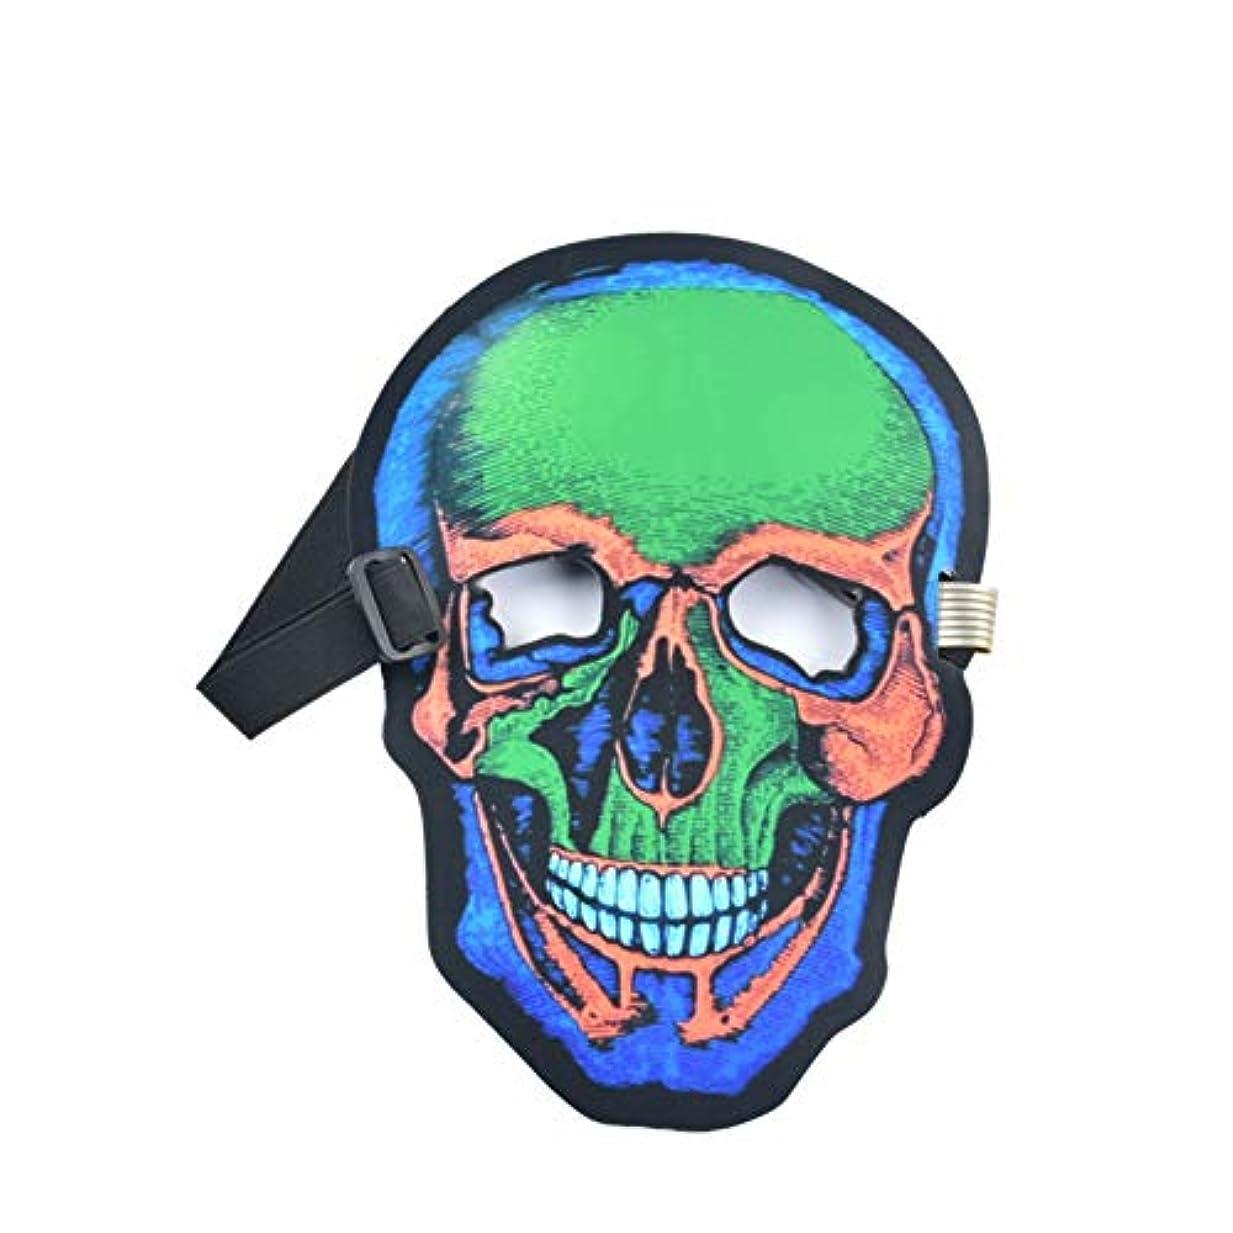 うっかり適用済み革命Esolom ハロウィンドレスアップ どくろ頭 音声制御マスク 音作動LED照明マスク ウサギのデザイン ハロウィンマスク DJミュージックマスク